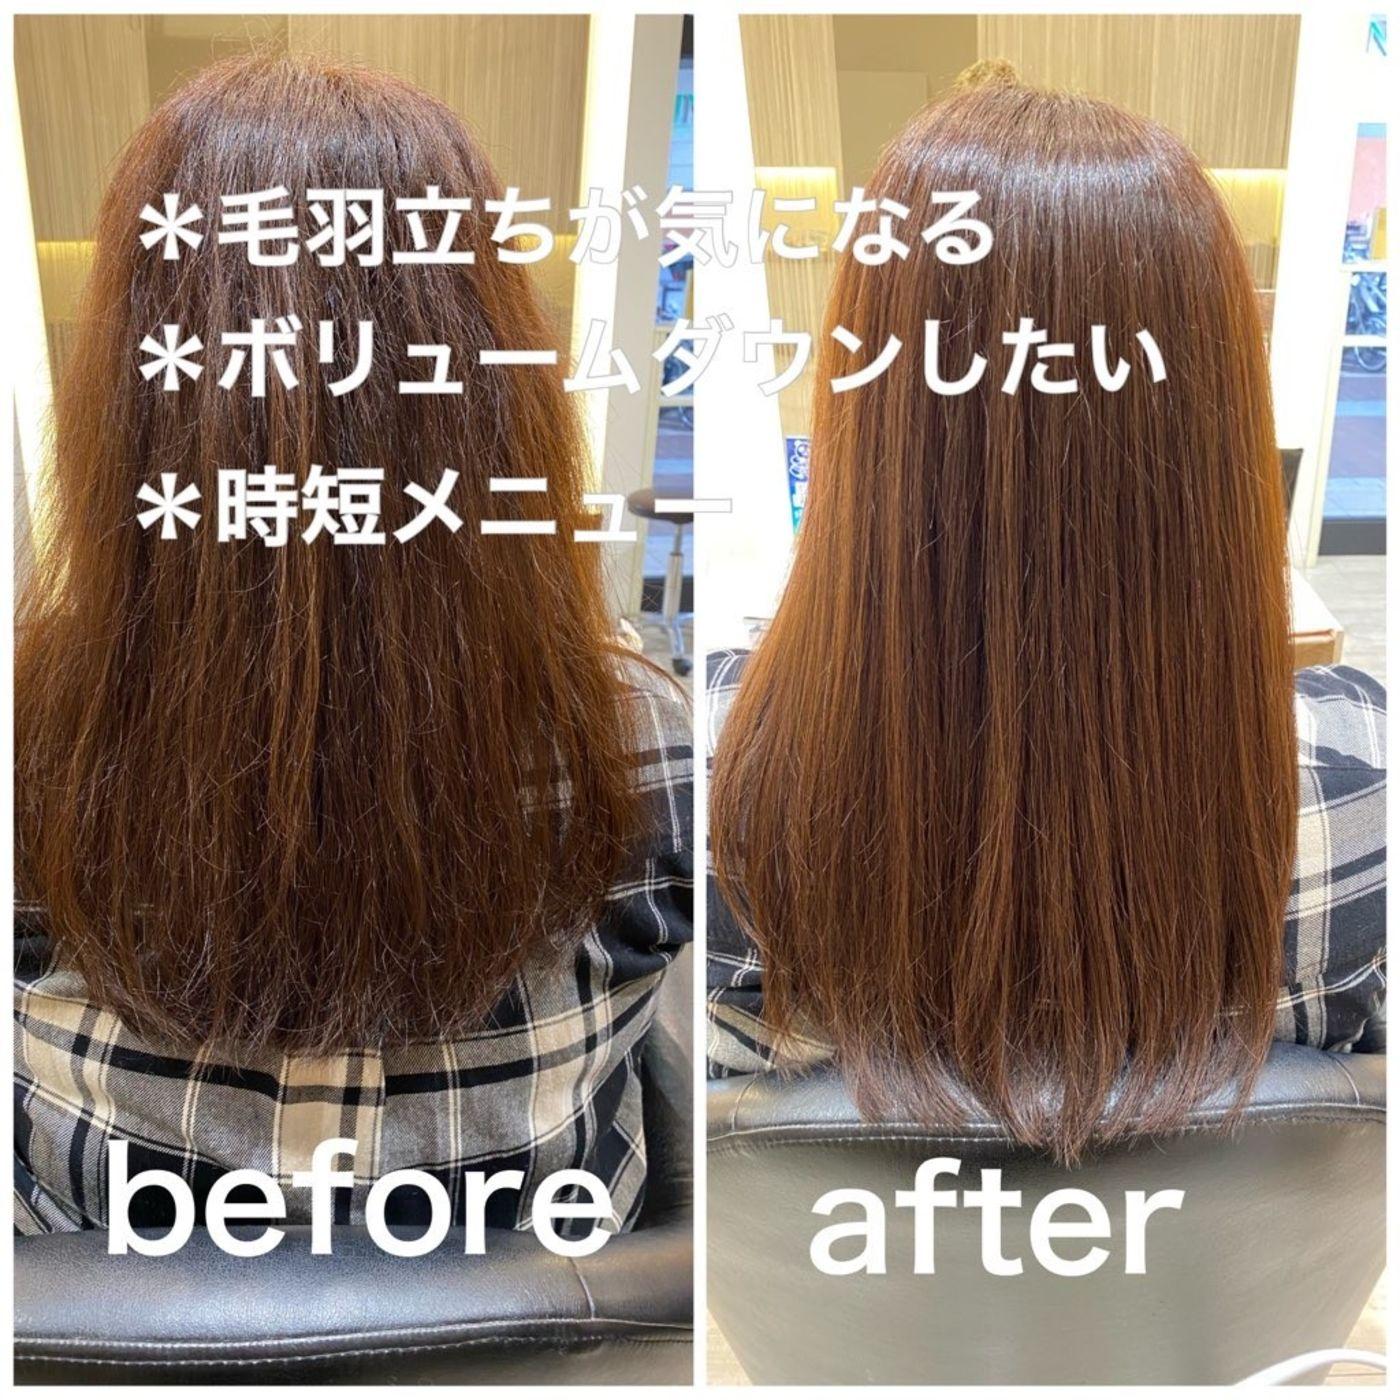 【ビフォーアフター】髪質改善チューニング